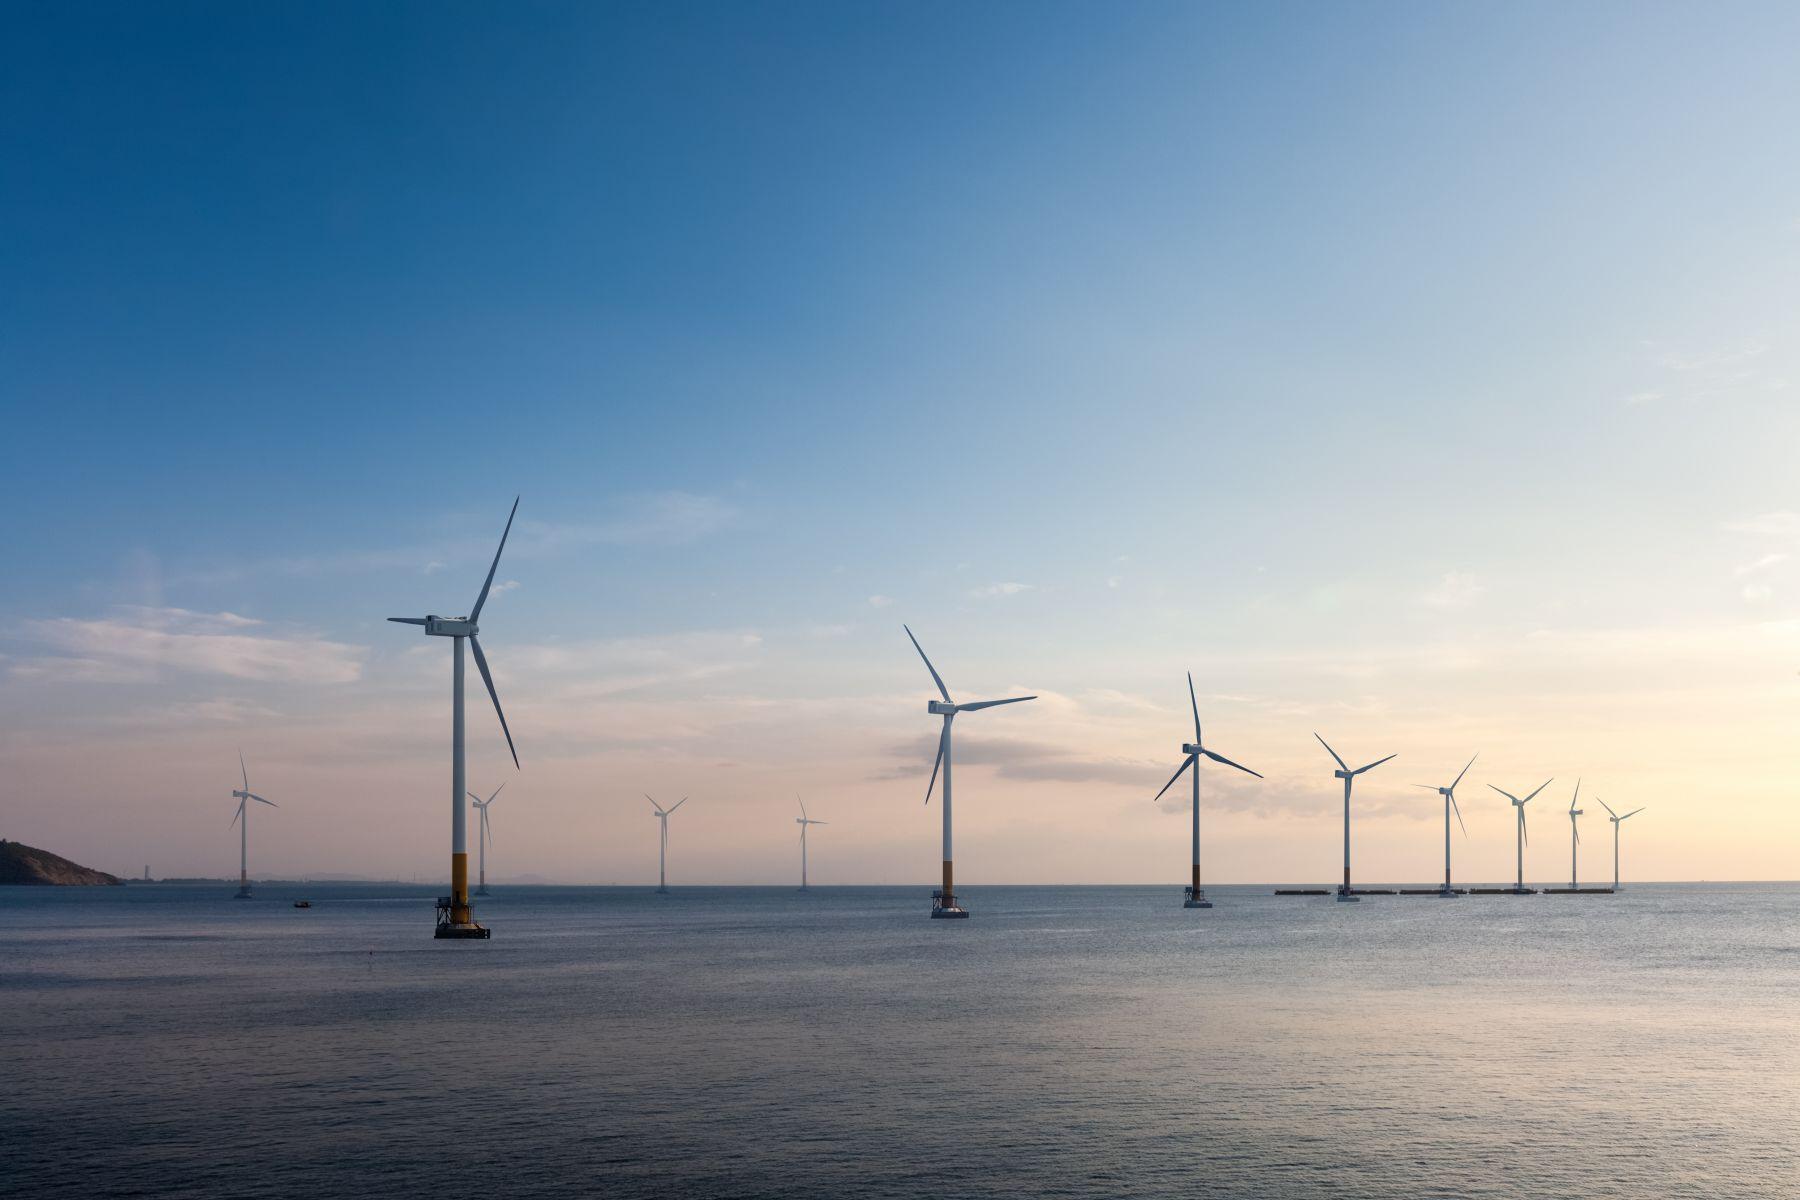 沃旭發重大聲明 暫停所有風電計畫